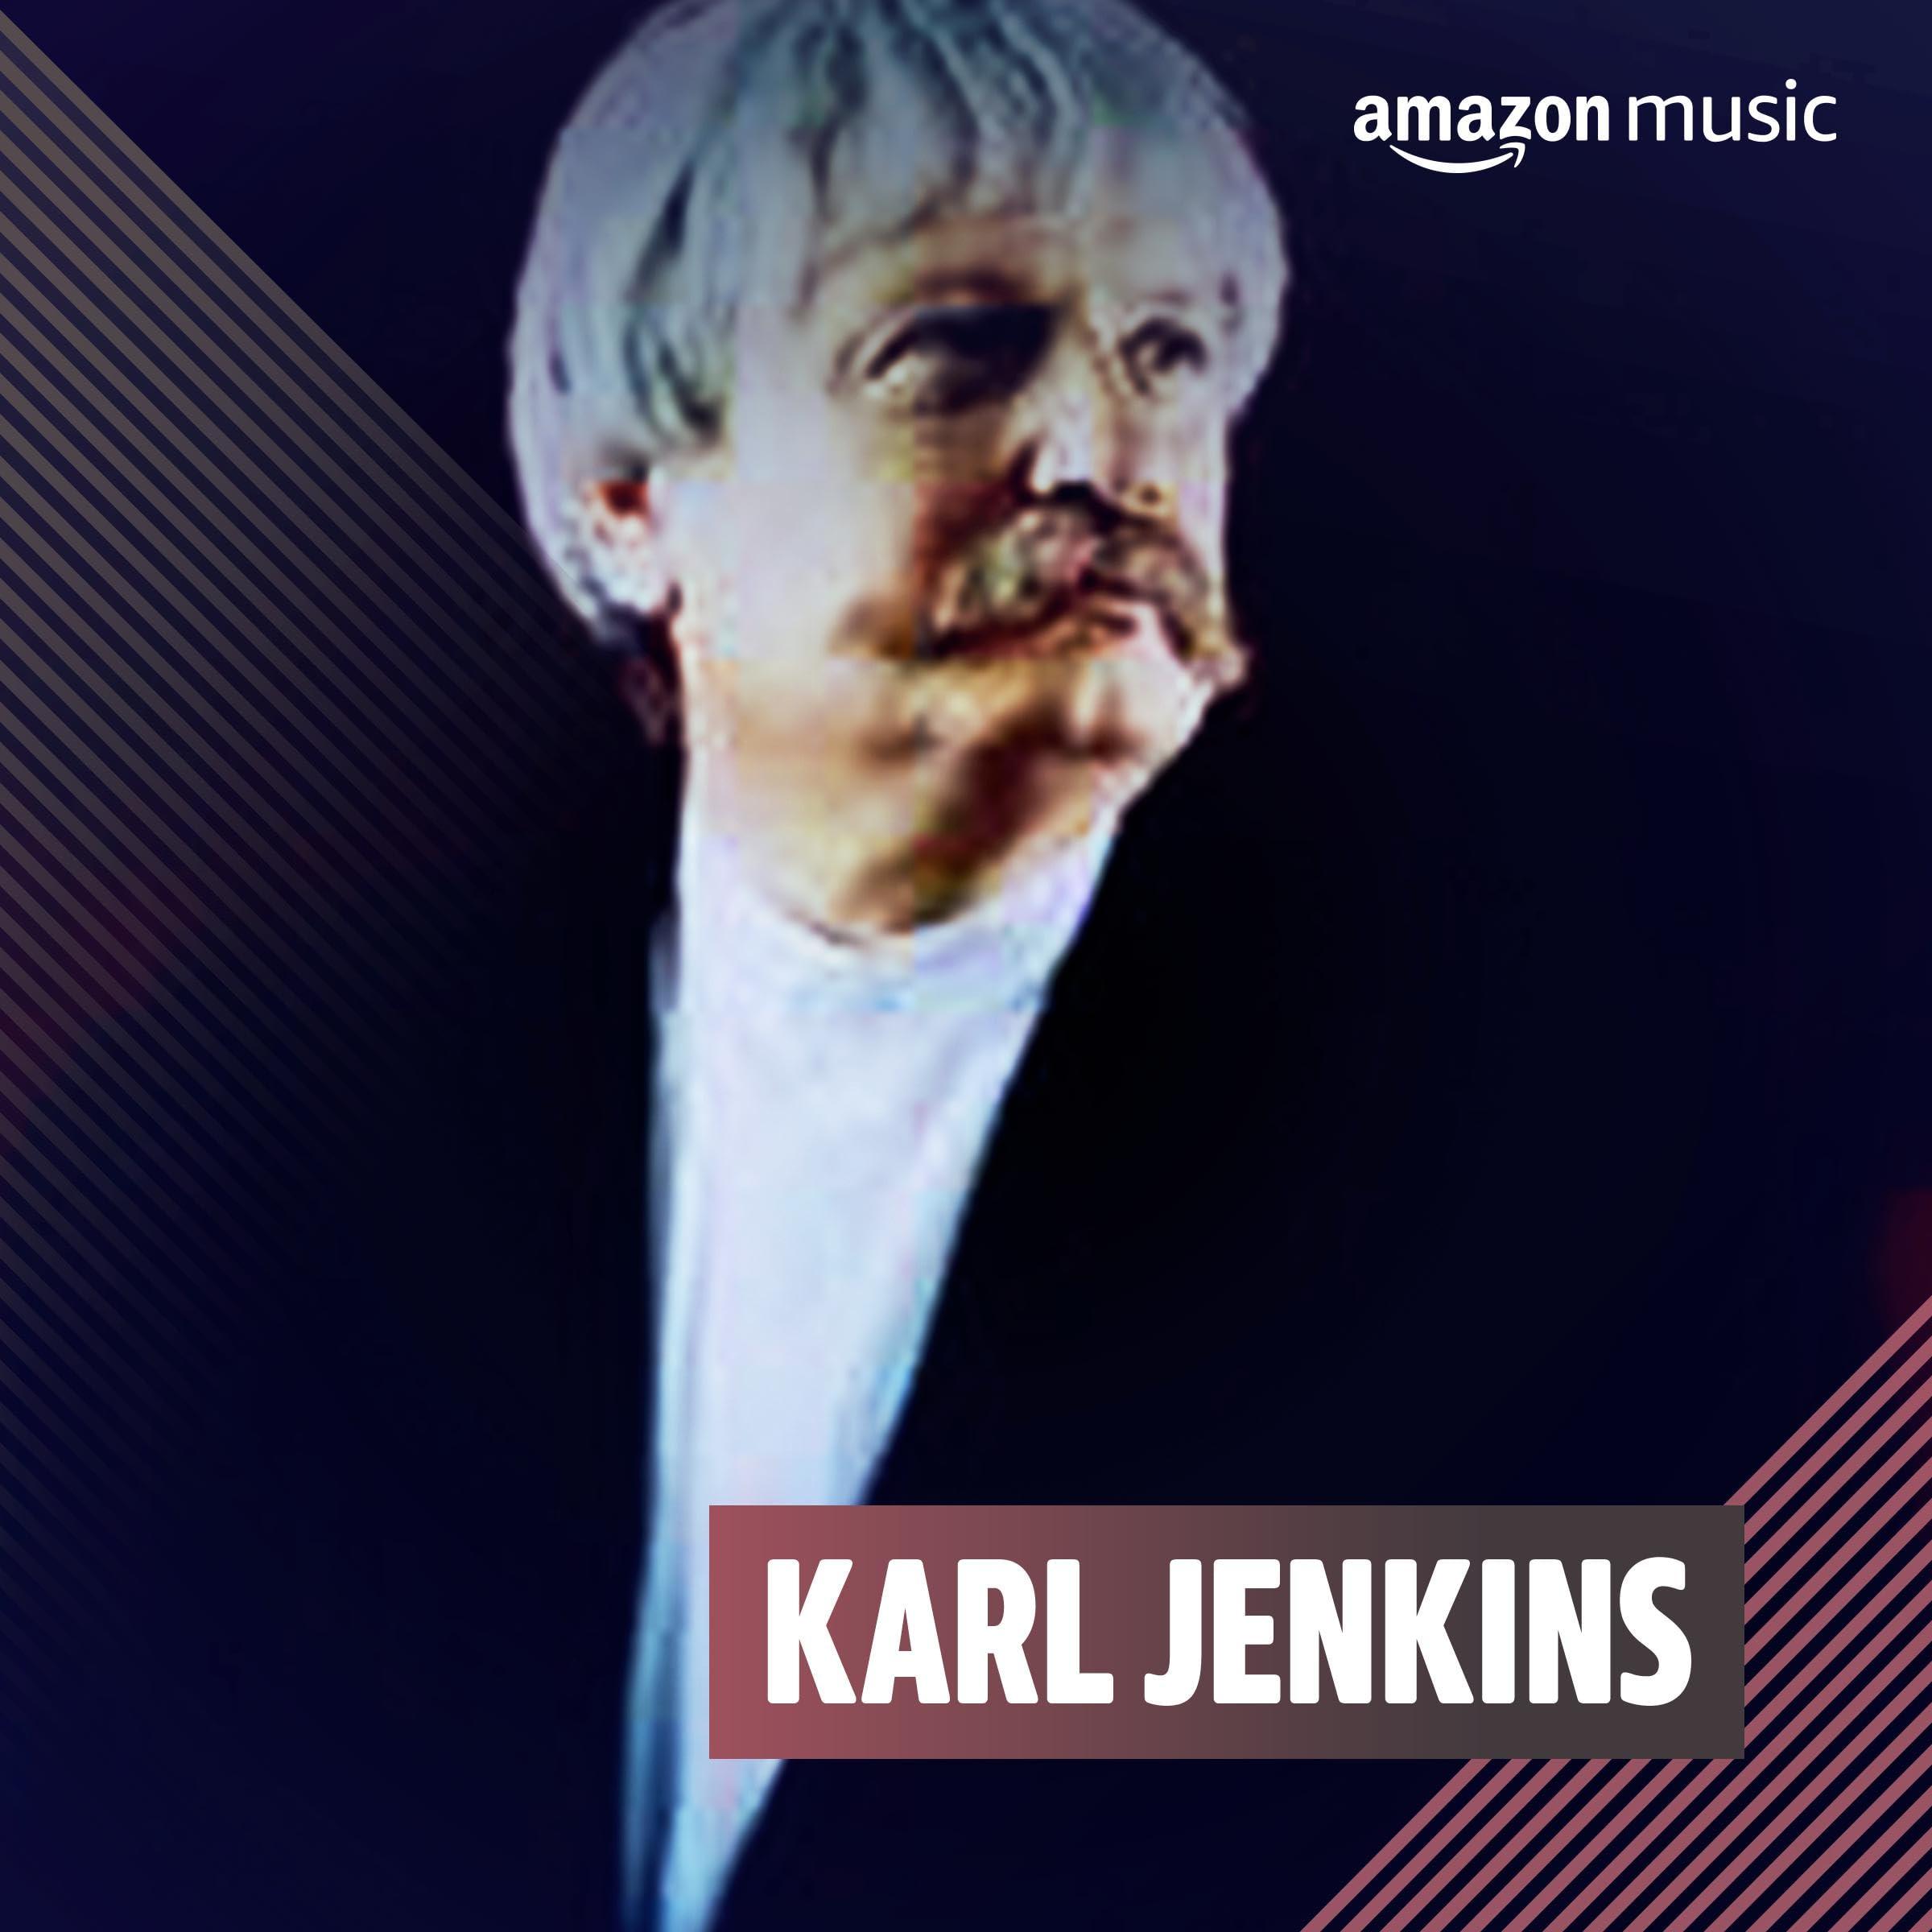 Karl Jenkins